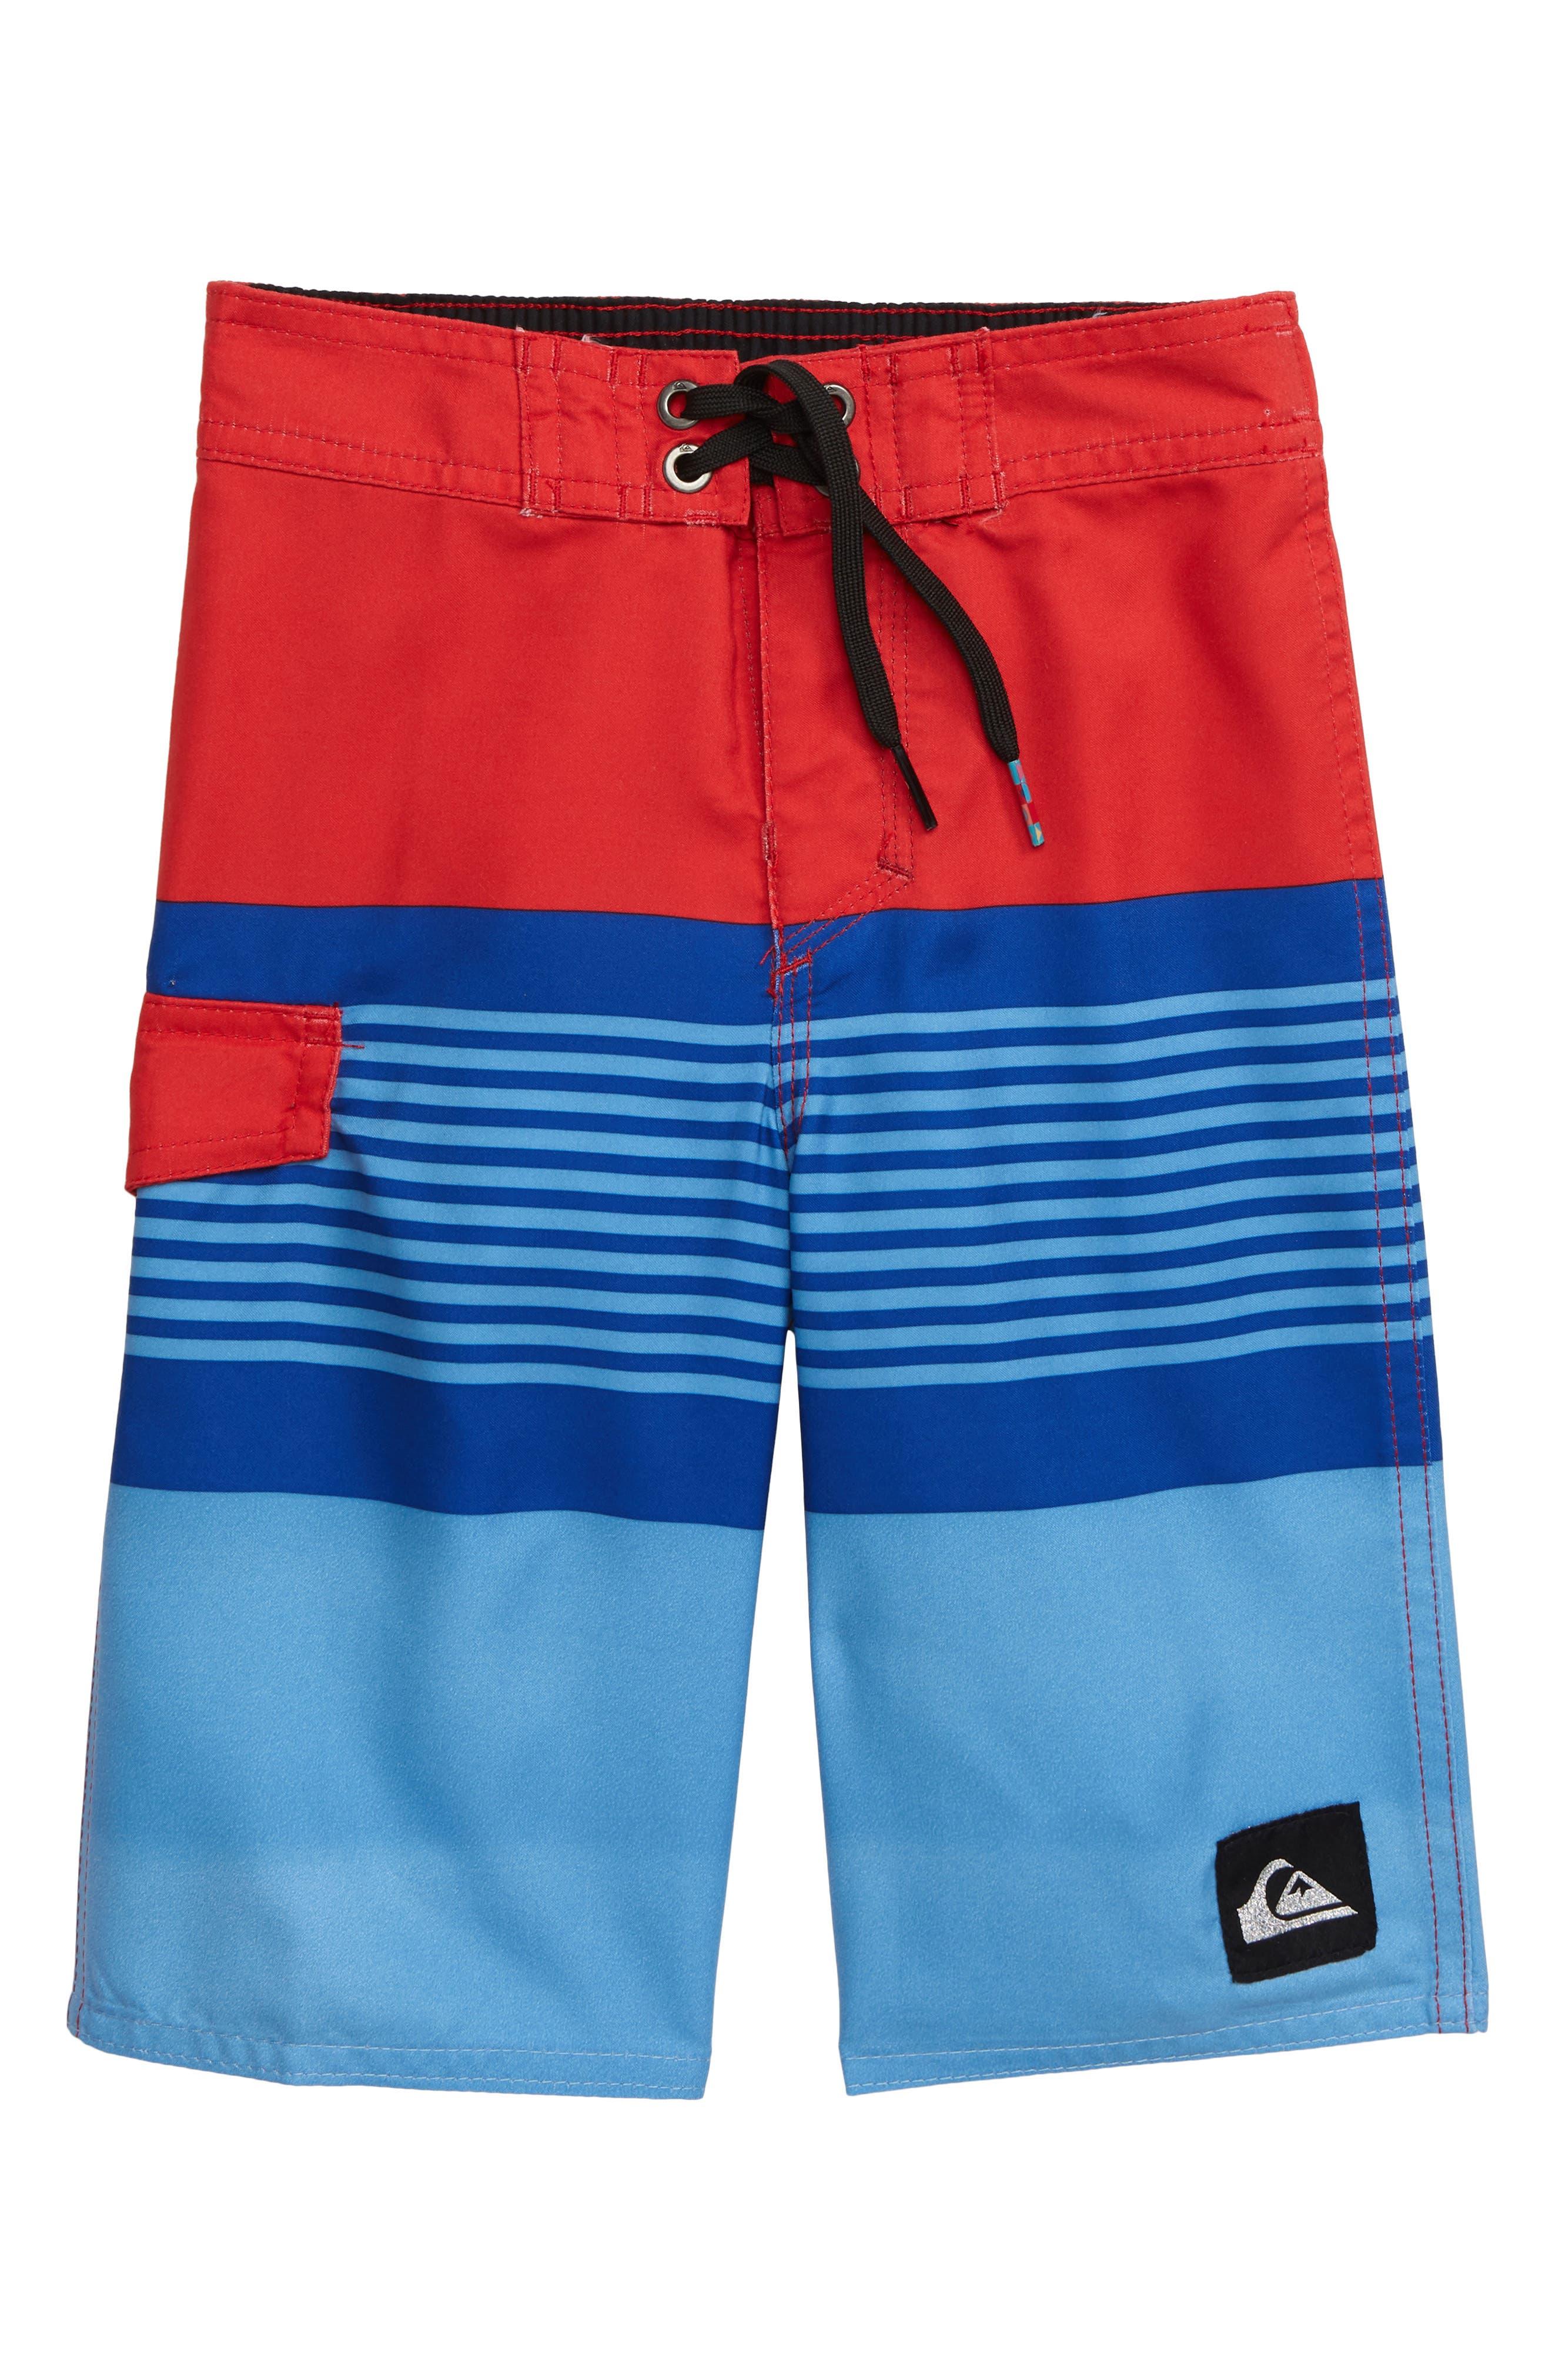 178c5d3c0a Boys' Clothing: Hoodies, Shirts, Pants & T-Shirts | Nordstrom